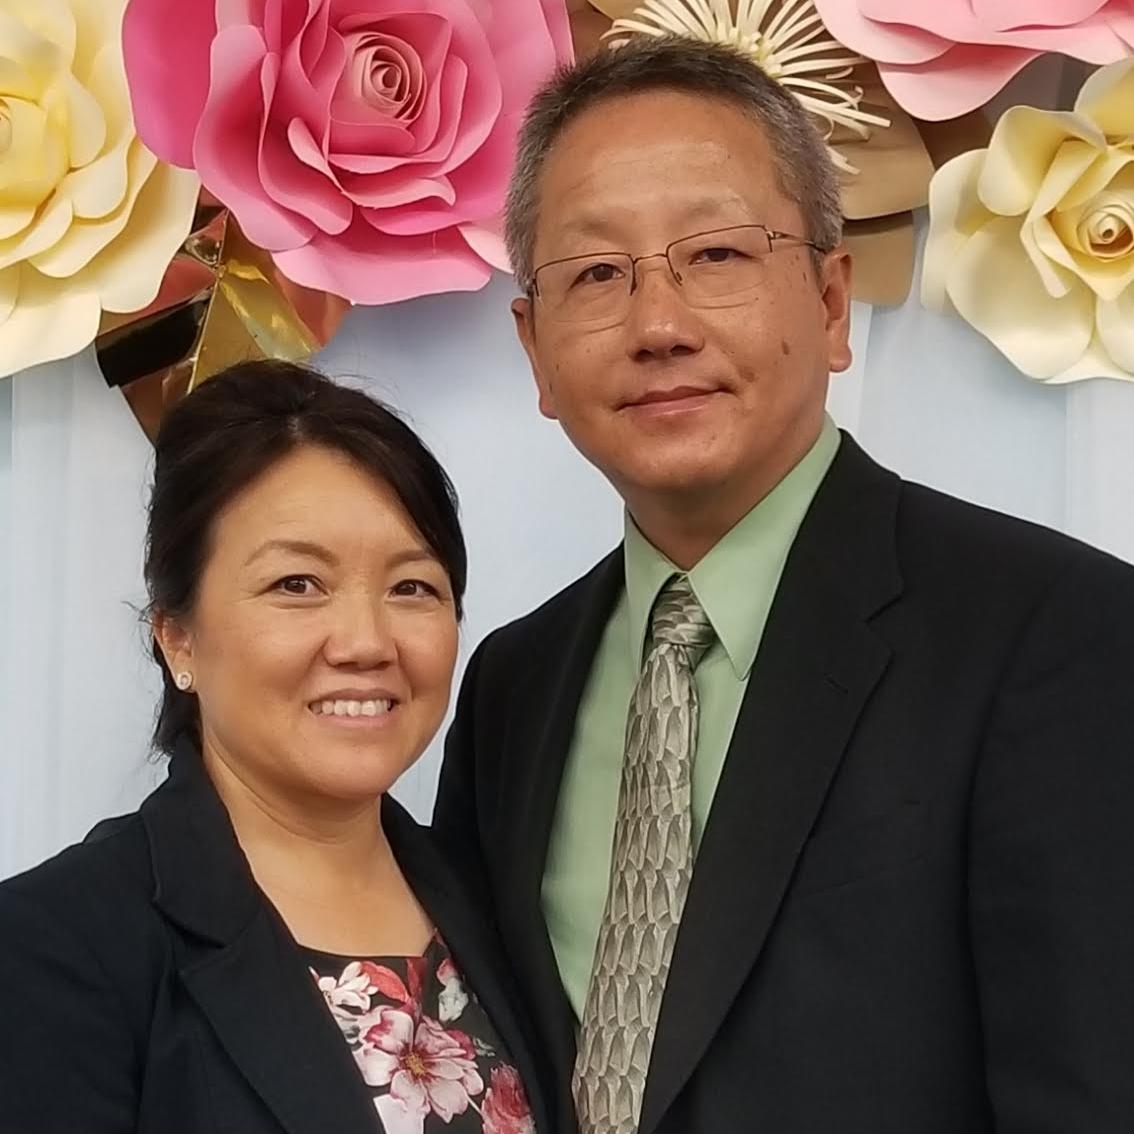 Bao Thao (NXh. Chong Pao Thao) - Secretarybtxiong70@gmail.comDenver First Hmong Baptist ChurchDenver, CO